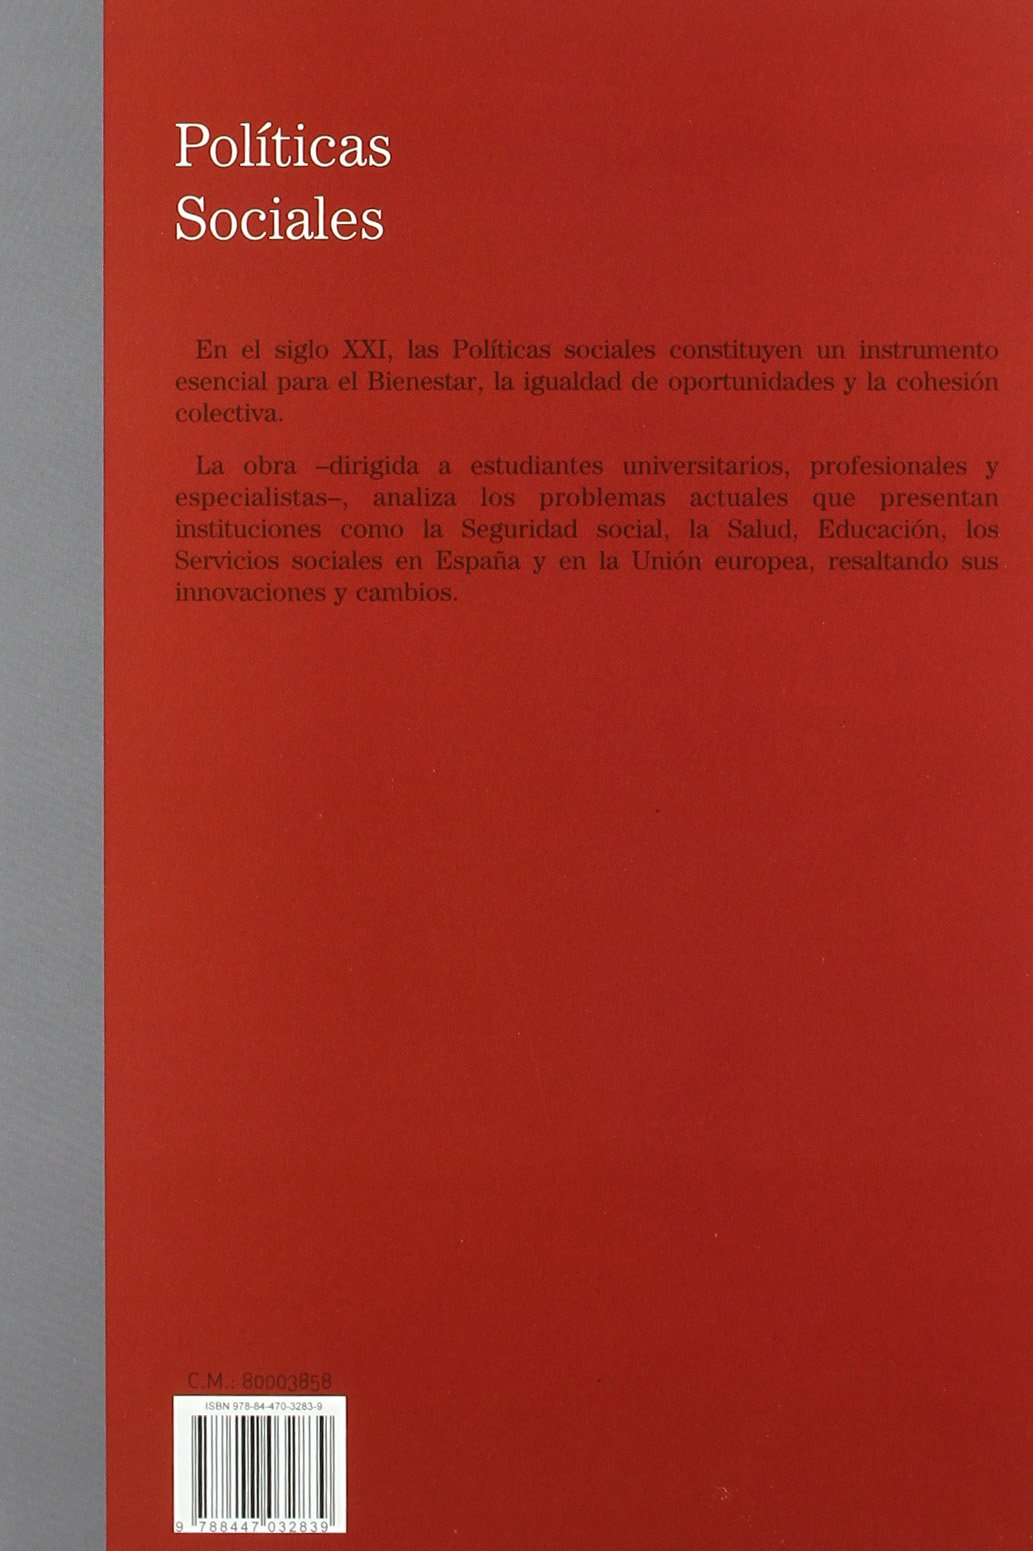 Políticas Sociales (Tratados y Manuales de Economía): Amazon.es: Carmen Alemán Bracho: Libros